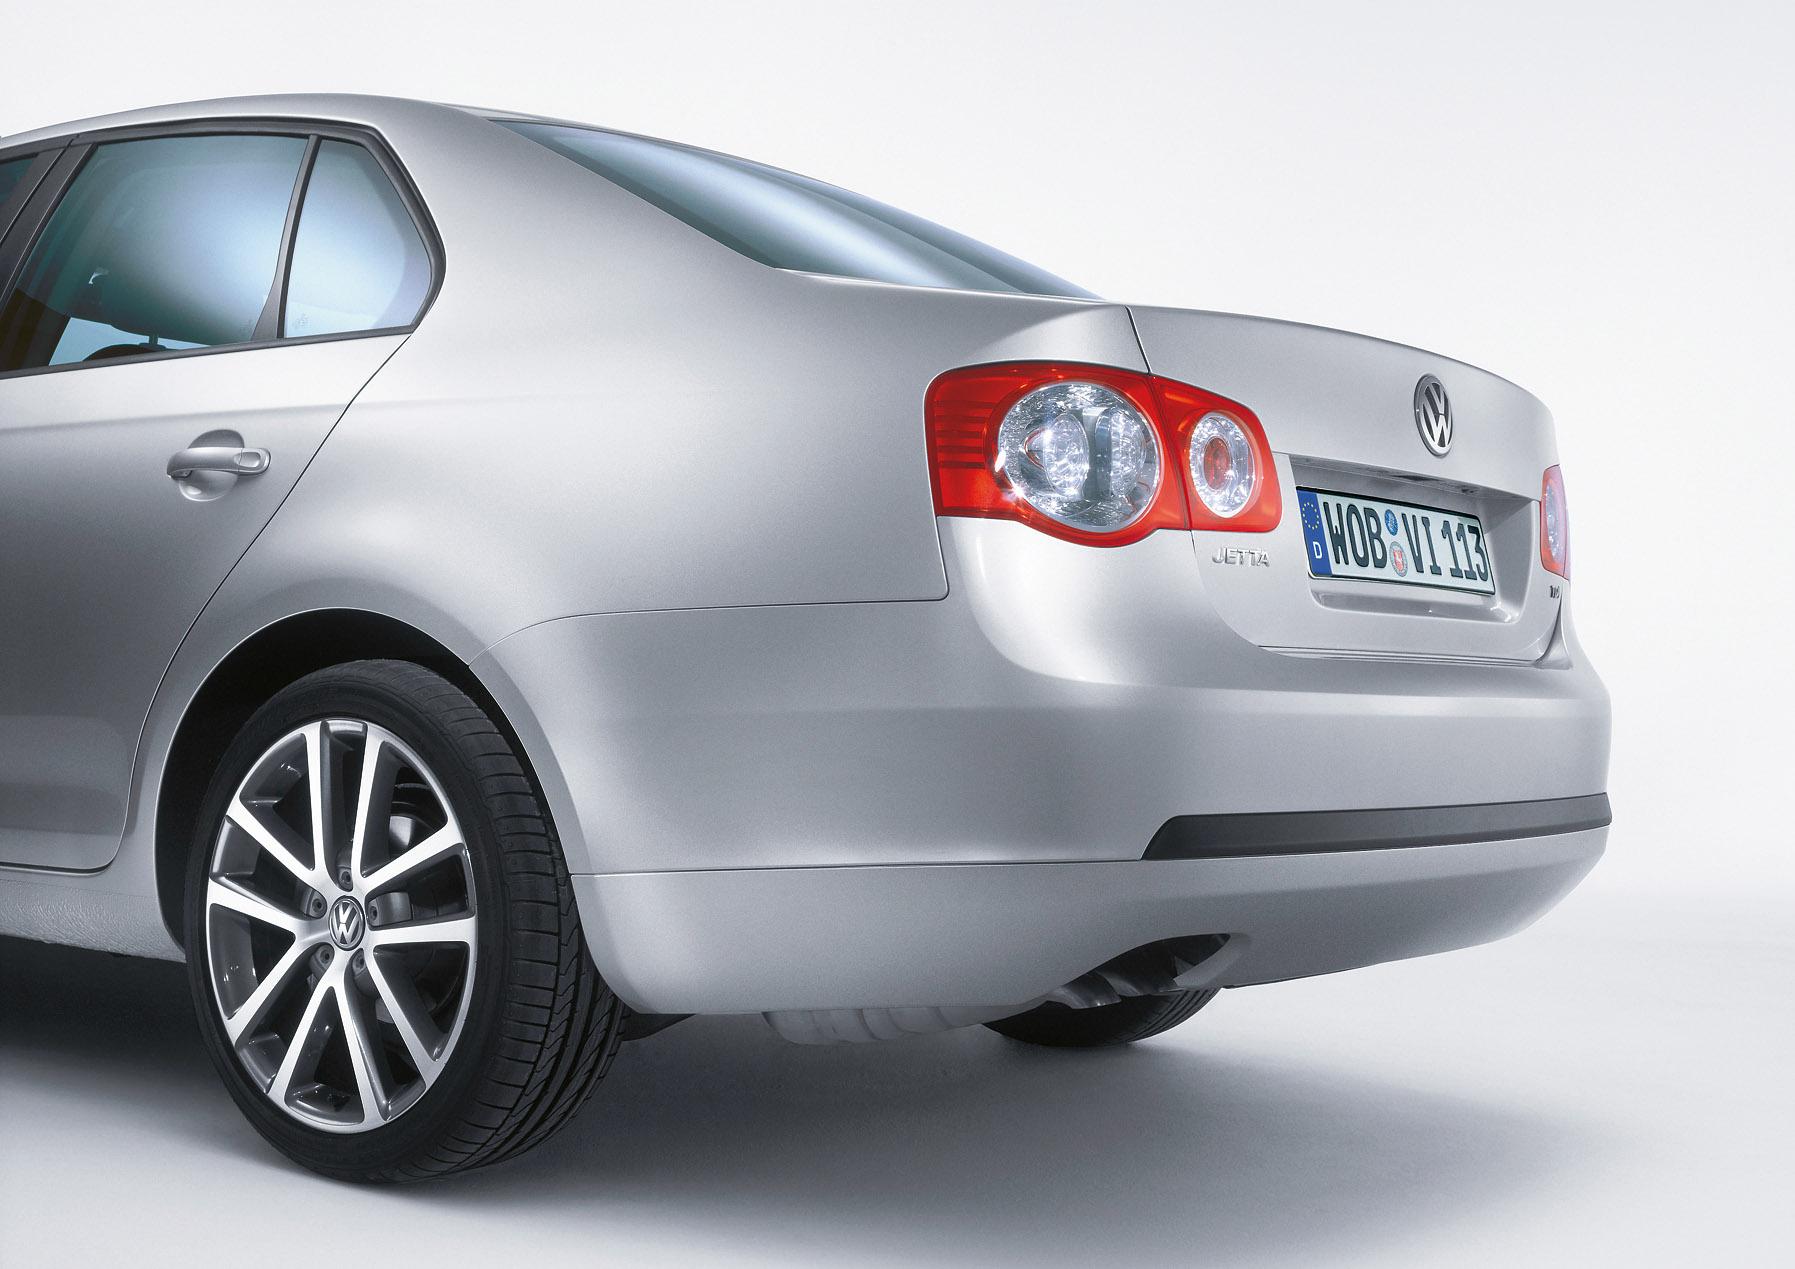 volkswagen in fuel economy guide 2009 rh automobilesreview com fuel economy guide 2010 Labeled Fuel Economy